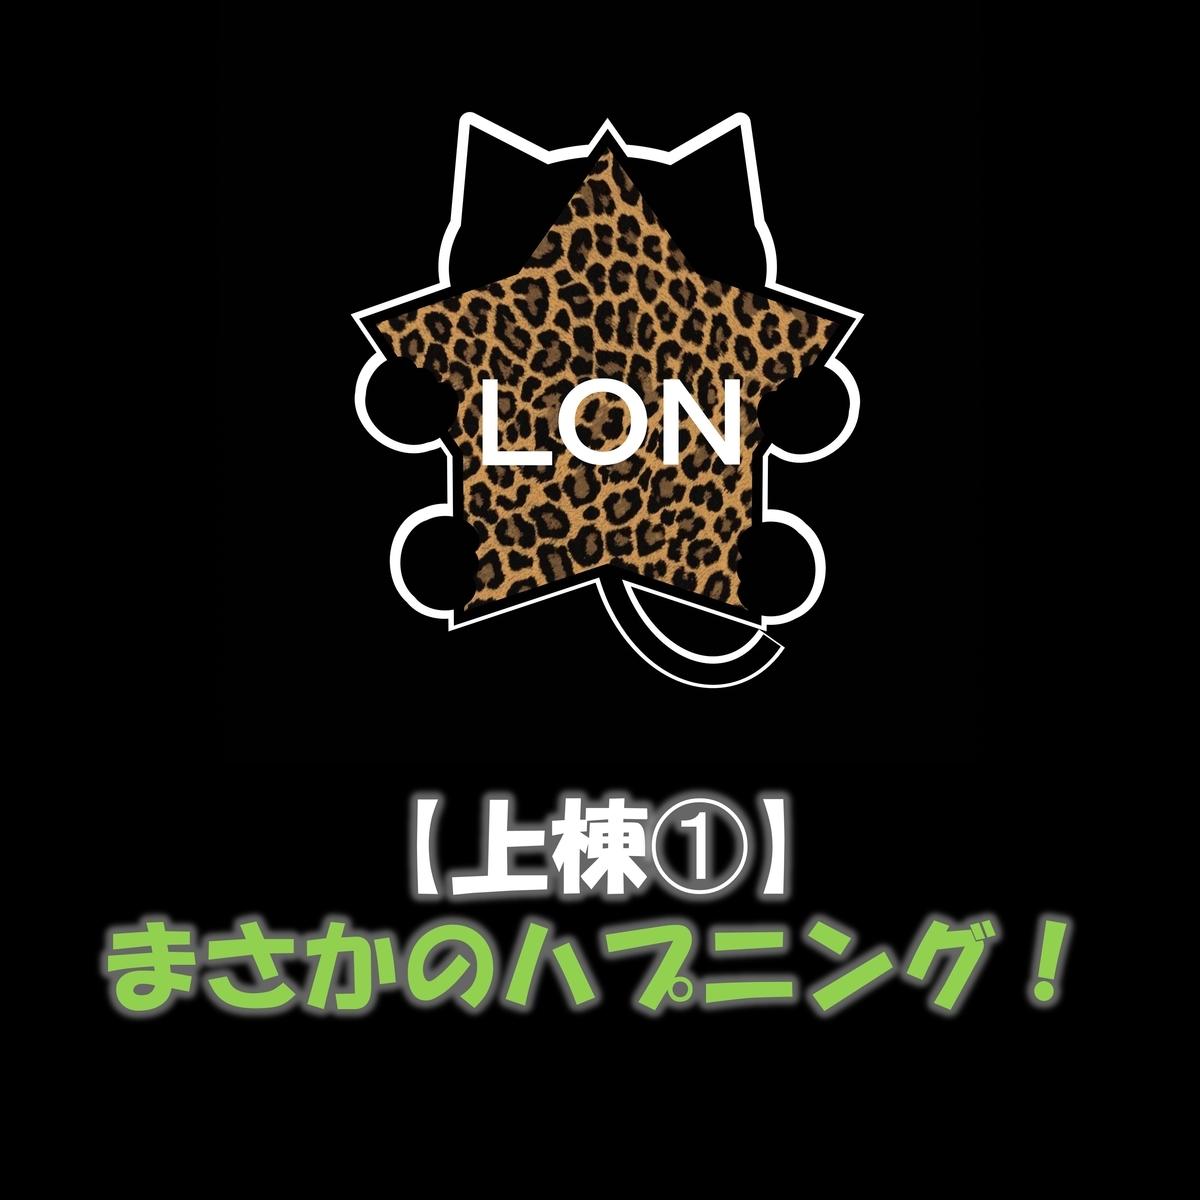 f:id:lon_blackcat:20201122002949j:plain